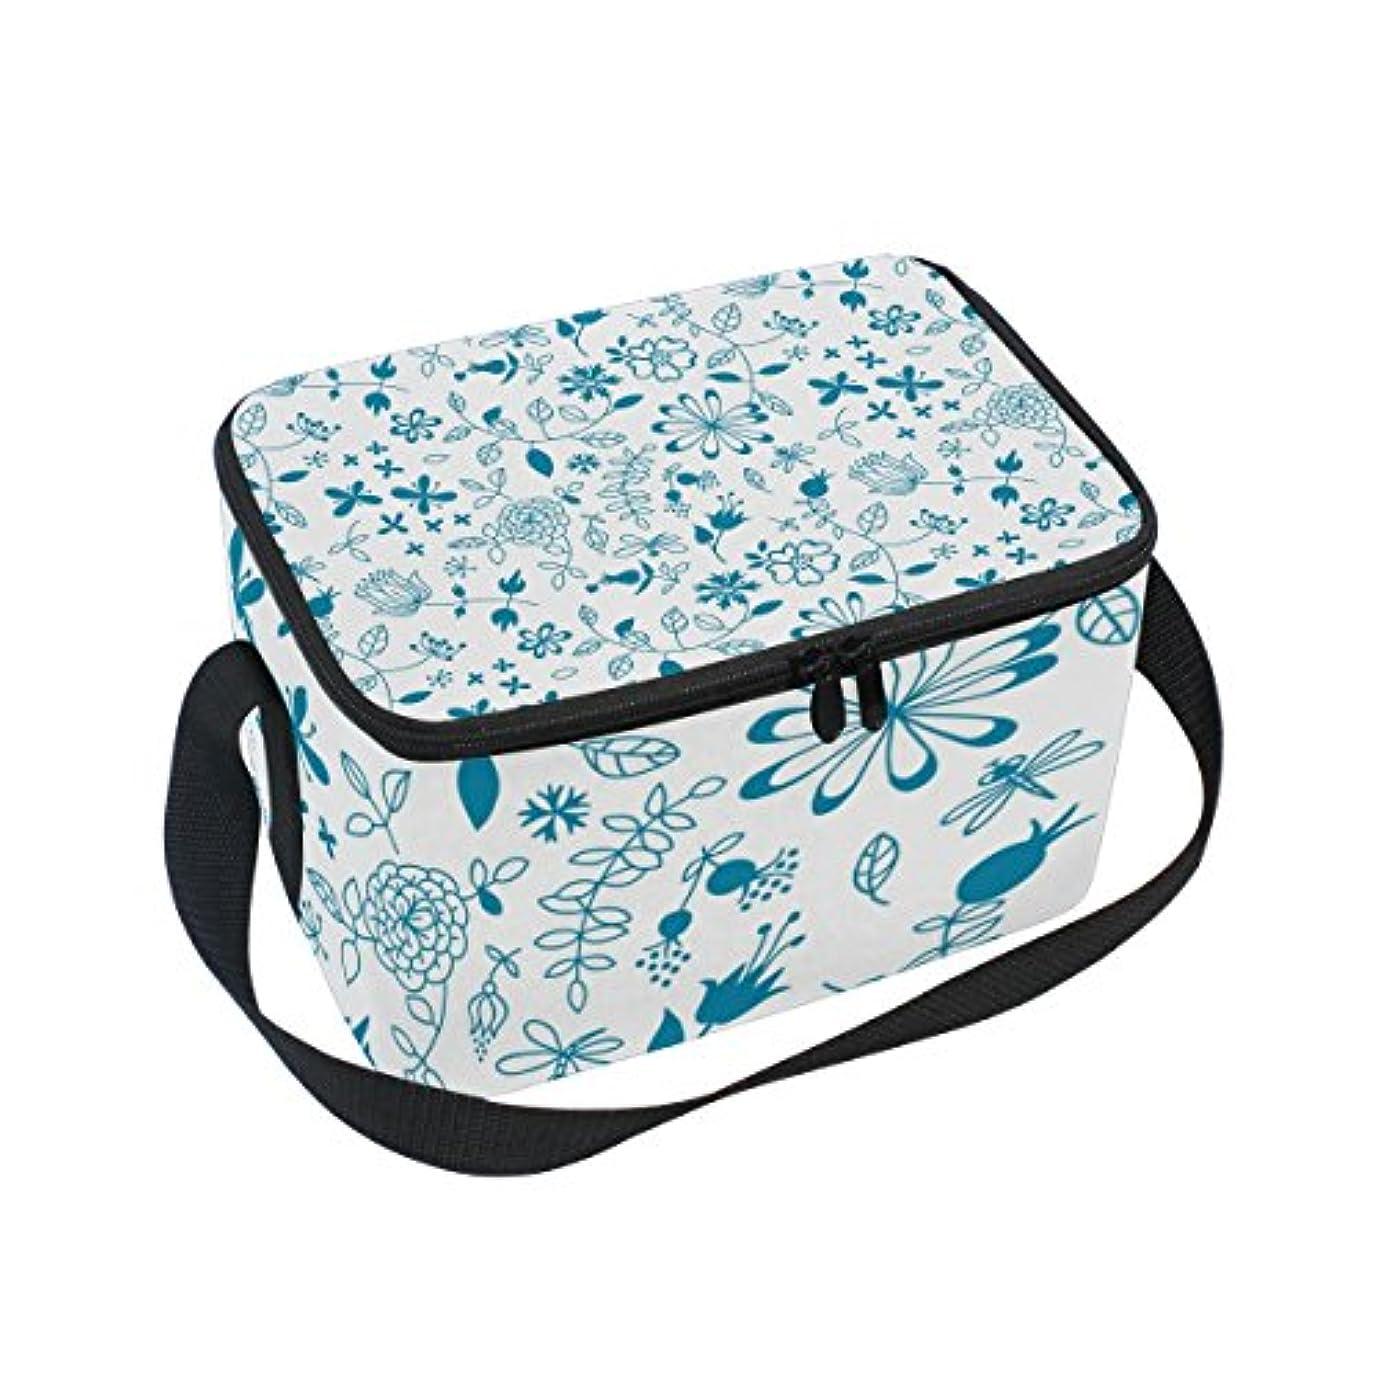 報奨金かもめ異常クーラーバッグ クーラーボックス ソフトクーラ 冷蔵ボックス キャンプ用品  花柄 青 保冷保温 大容量 肩掛け お花見 アウトドア